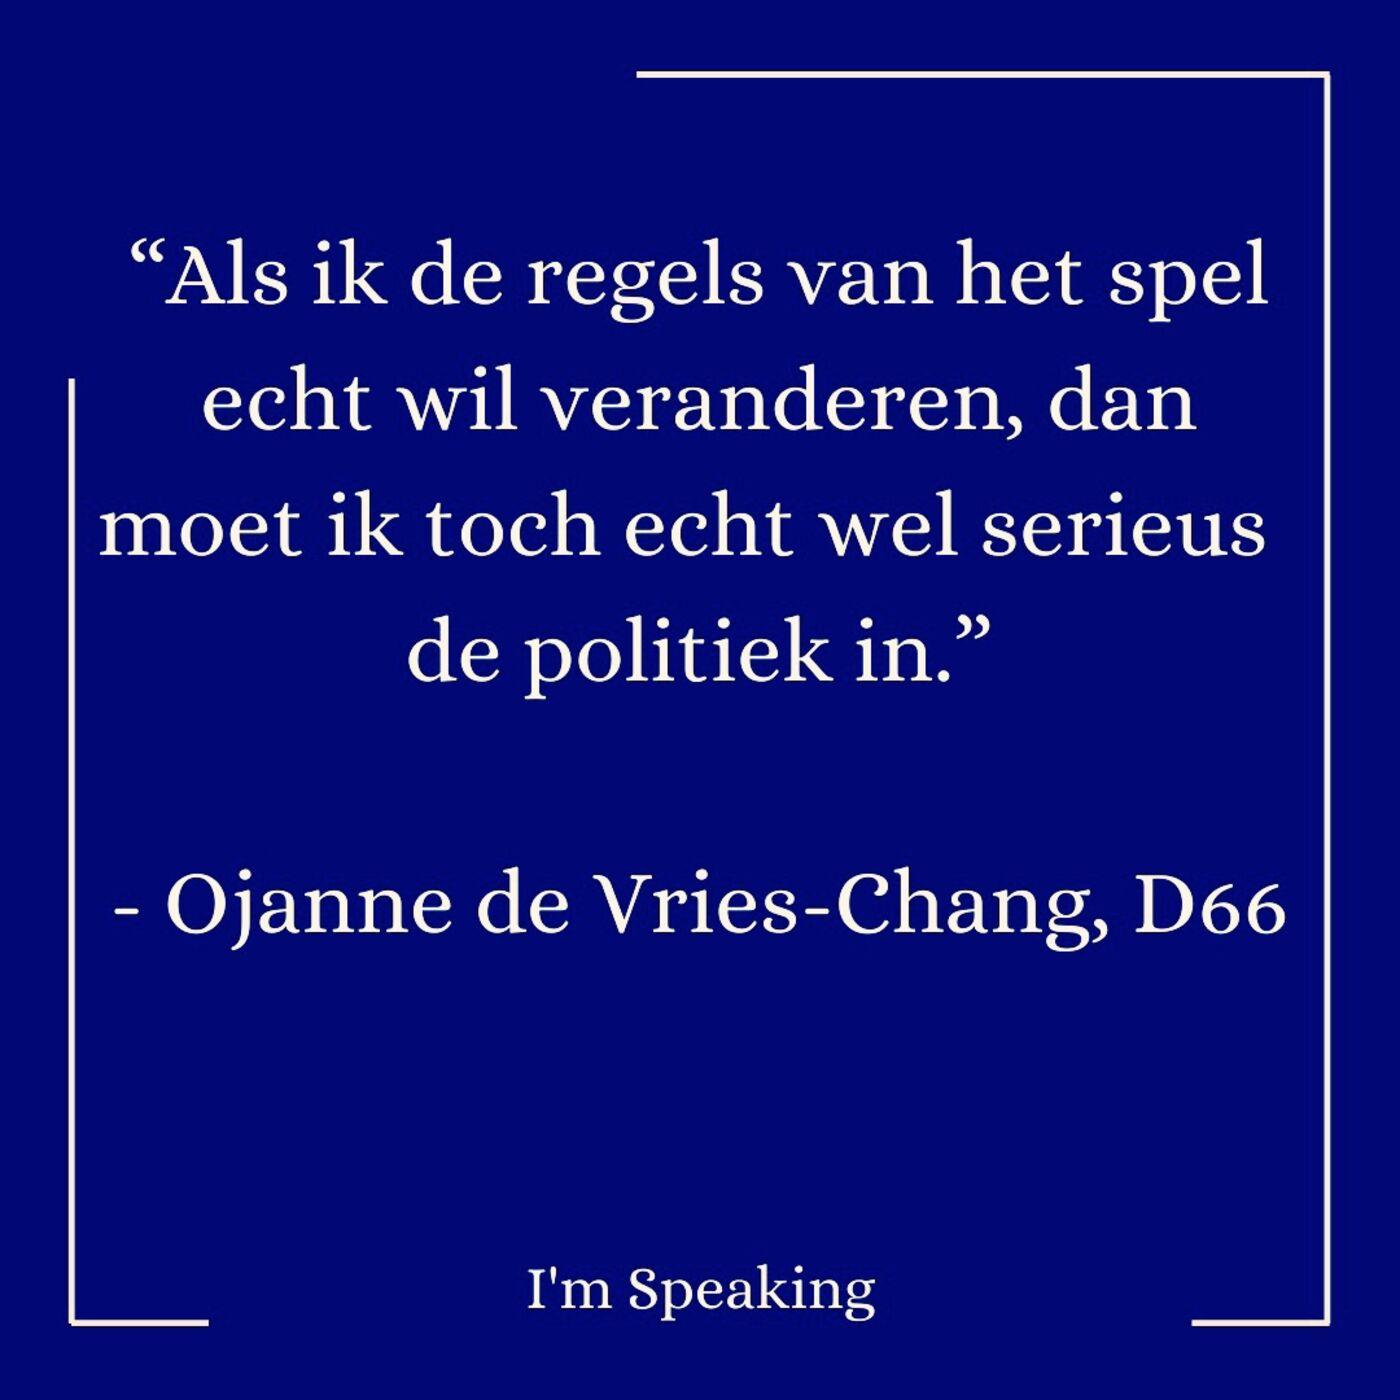 Go Vote #2: Ojanne de Vries-Chang (D66)